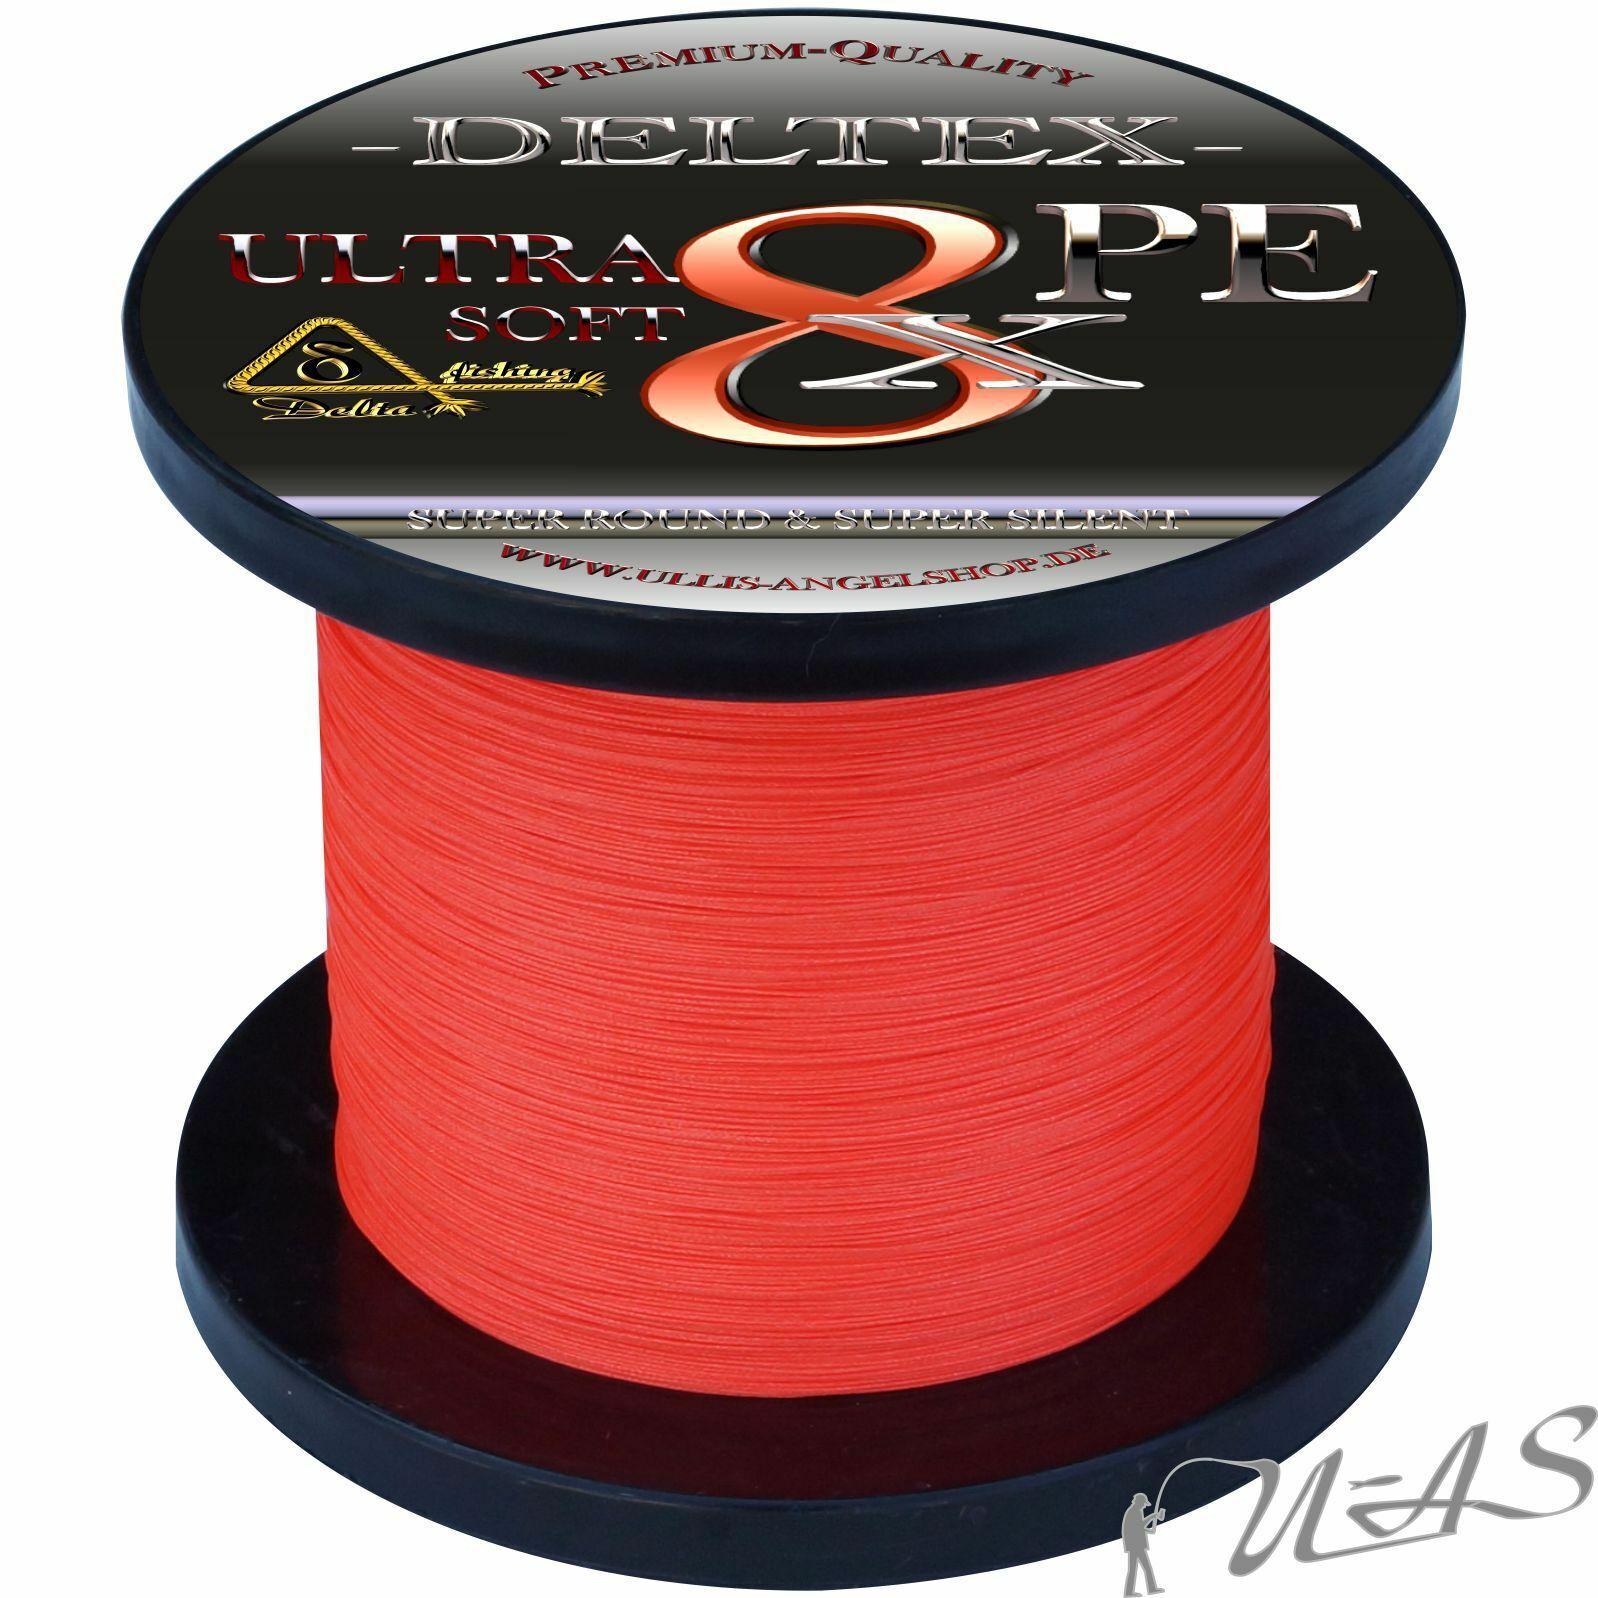 DELTEX Ultra Soft Rot 0,25mm 19.10kg 1000M 8 fach Geflochtene Angelschnur Kva